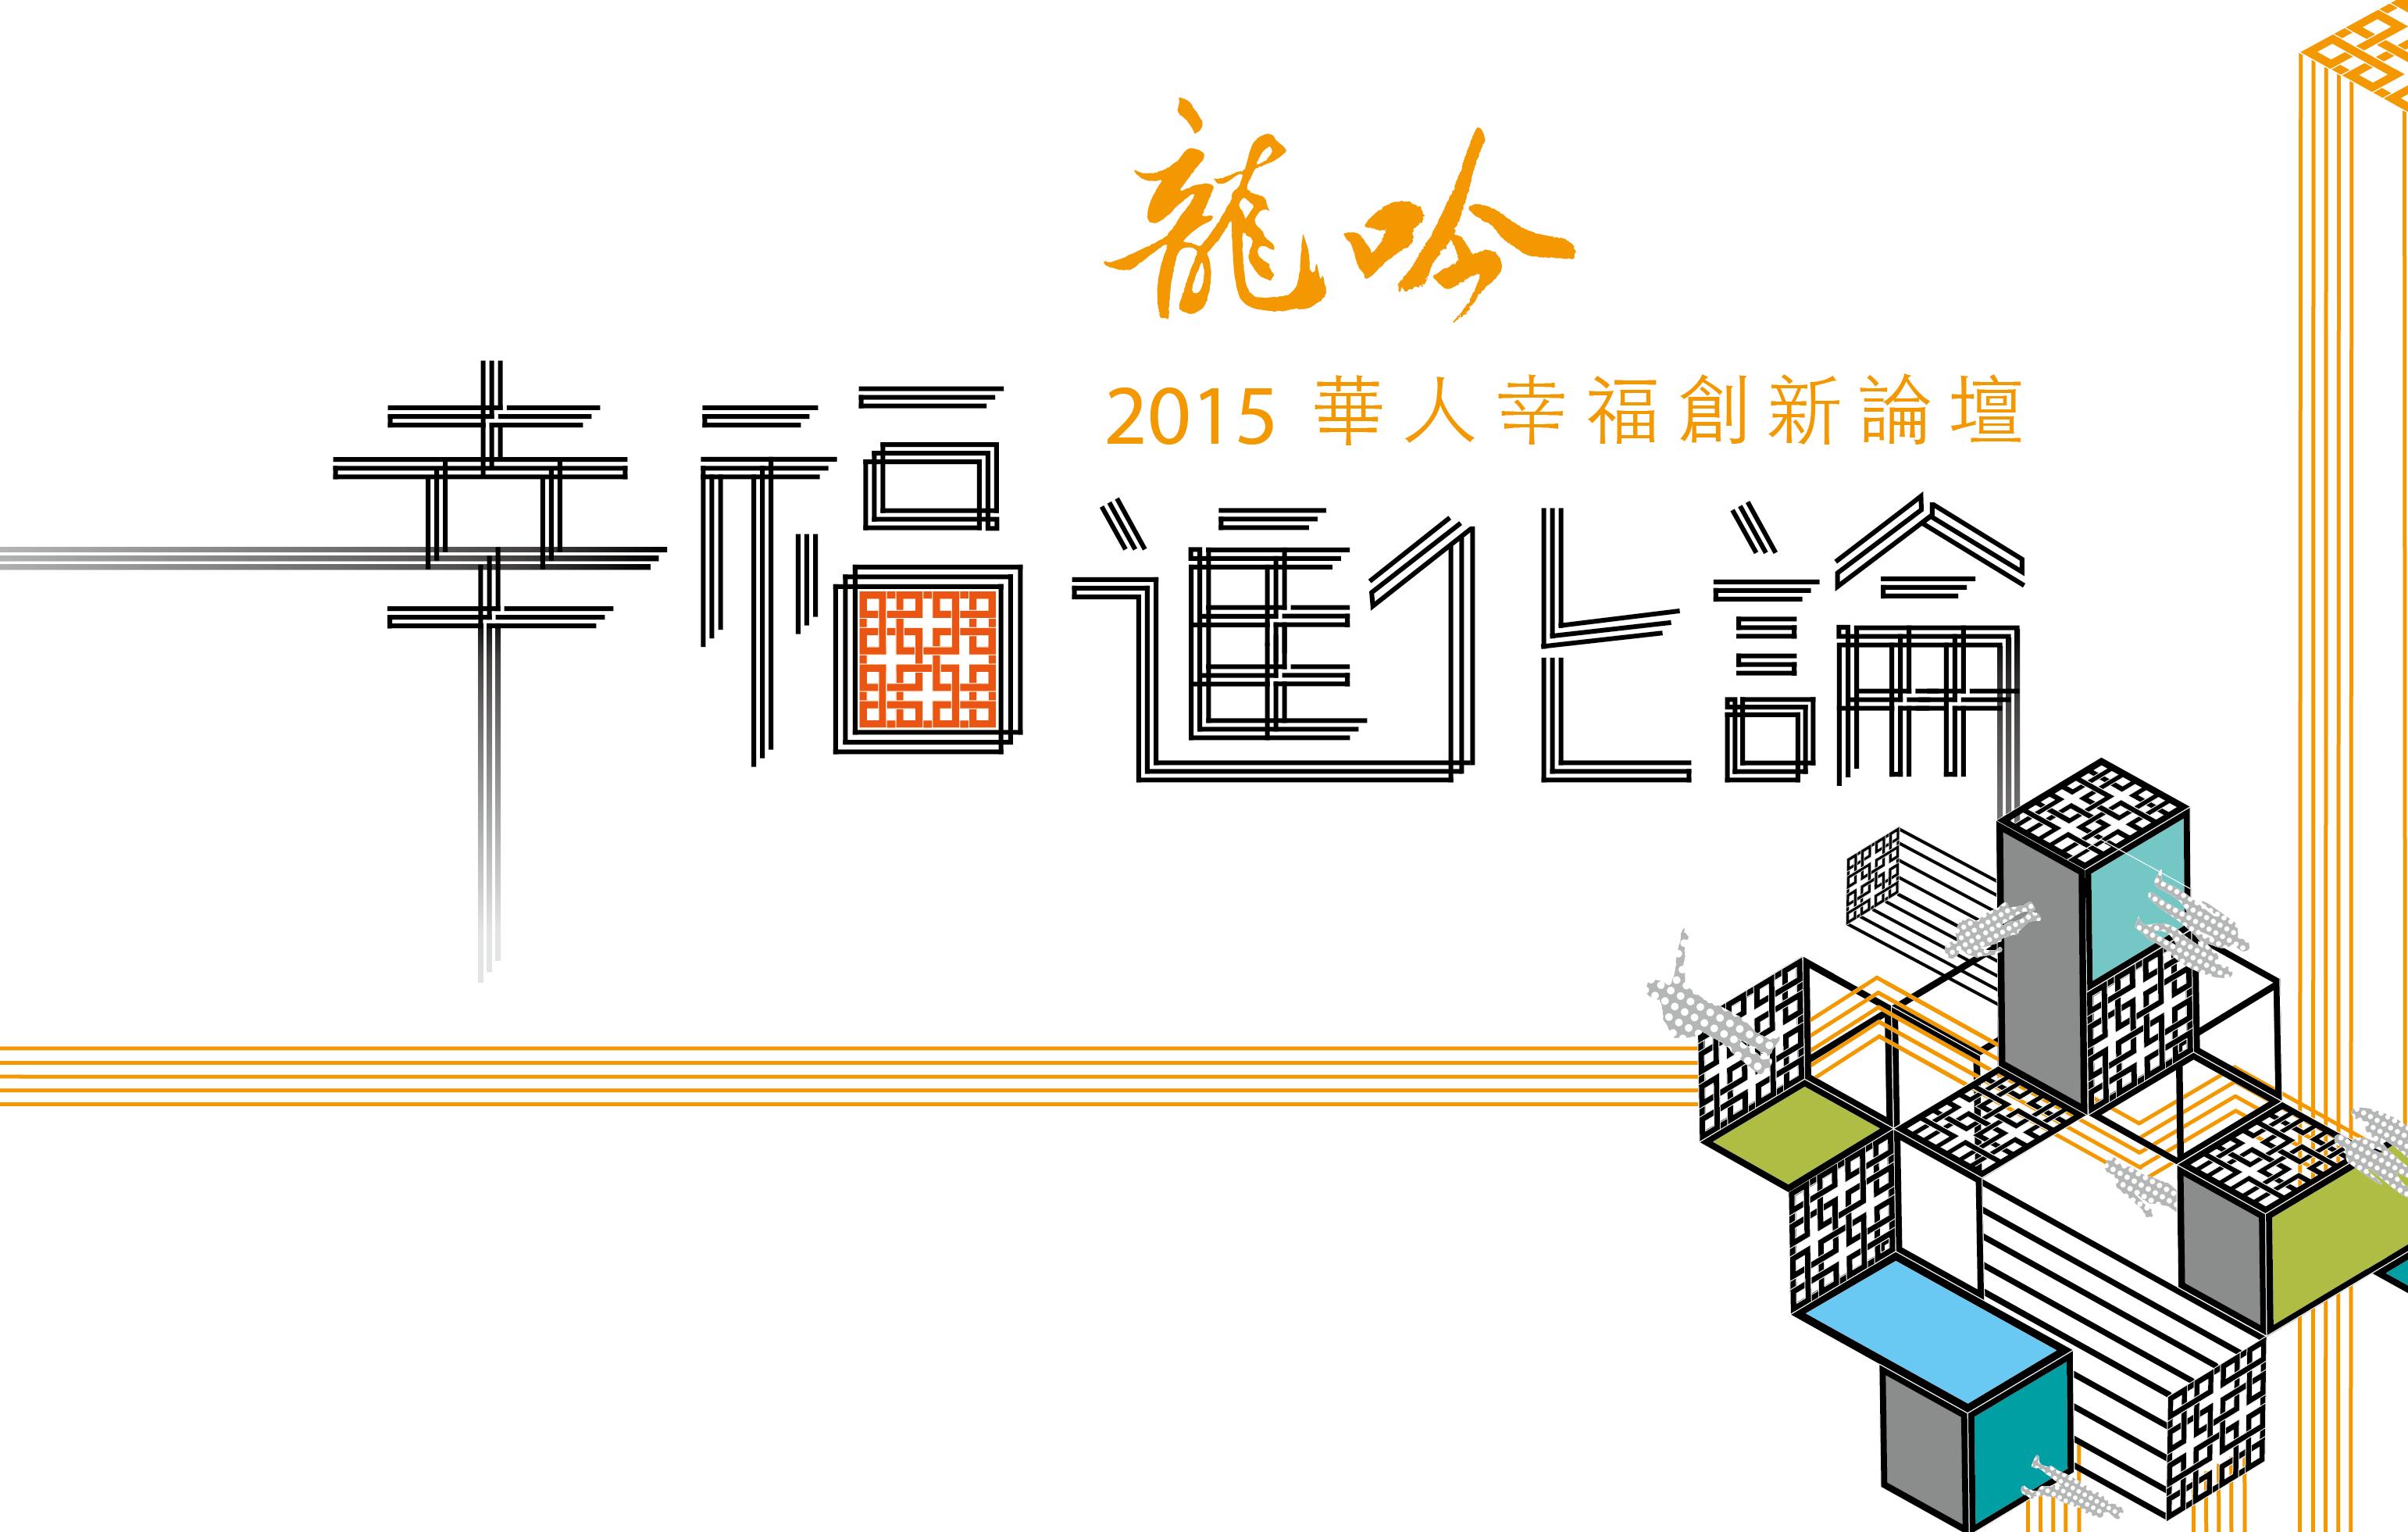 2015 華人幸福創新論壇